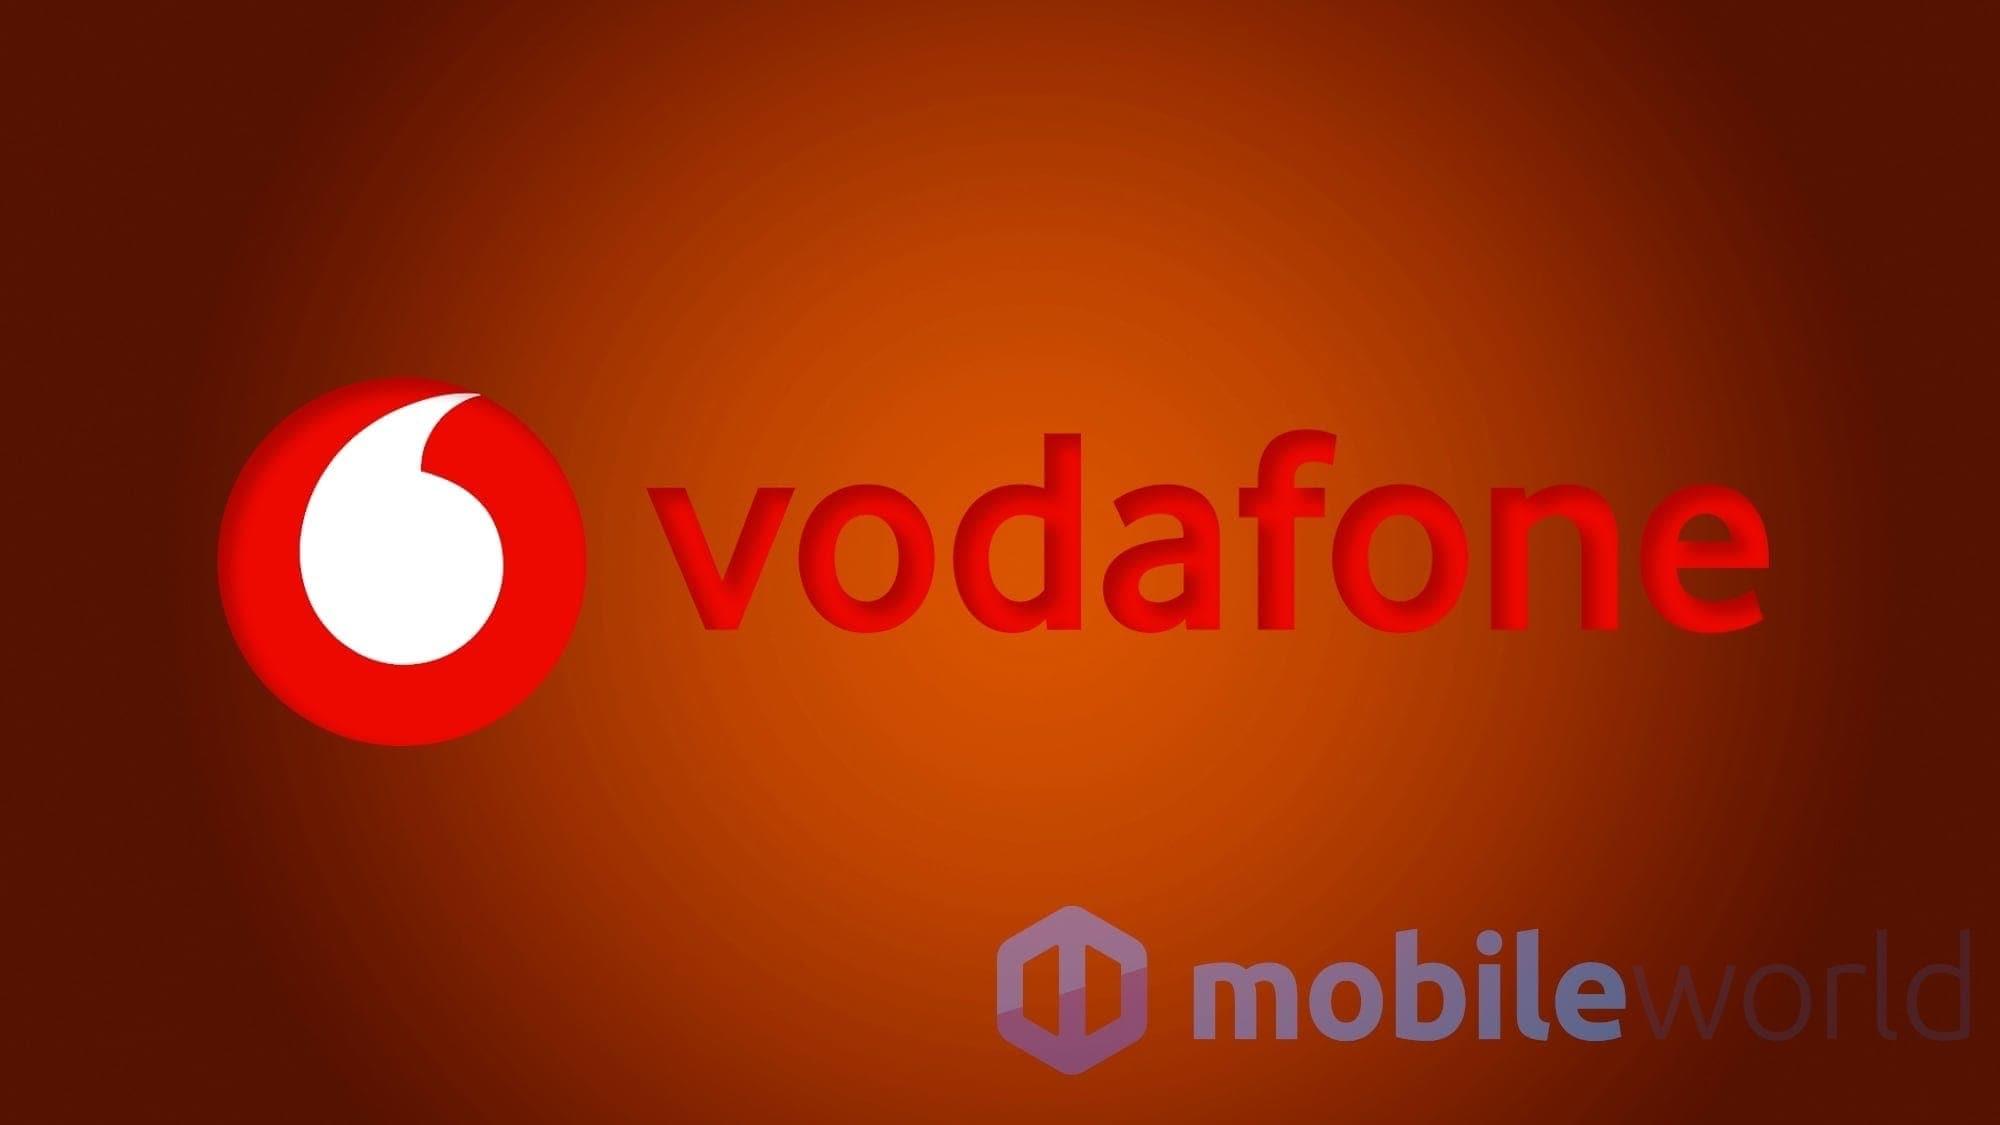 Vodafone offre smartphone a rate per alcuni già clienti: quasi tutti sono senza anticipo